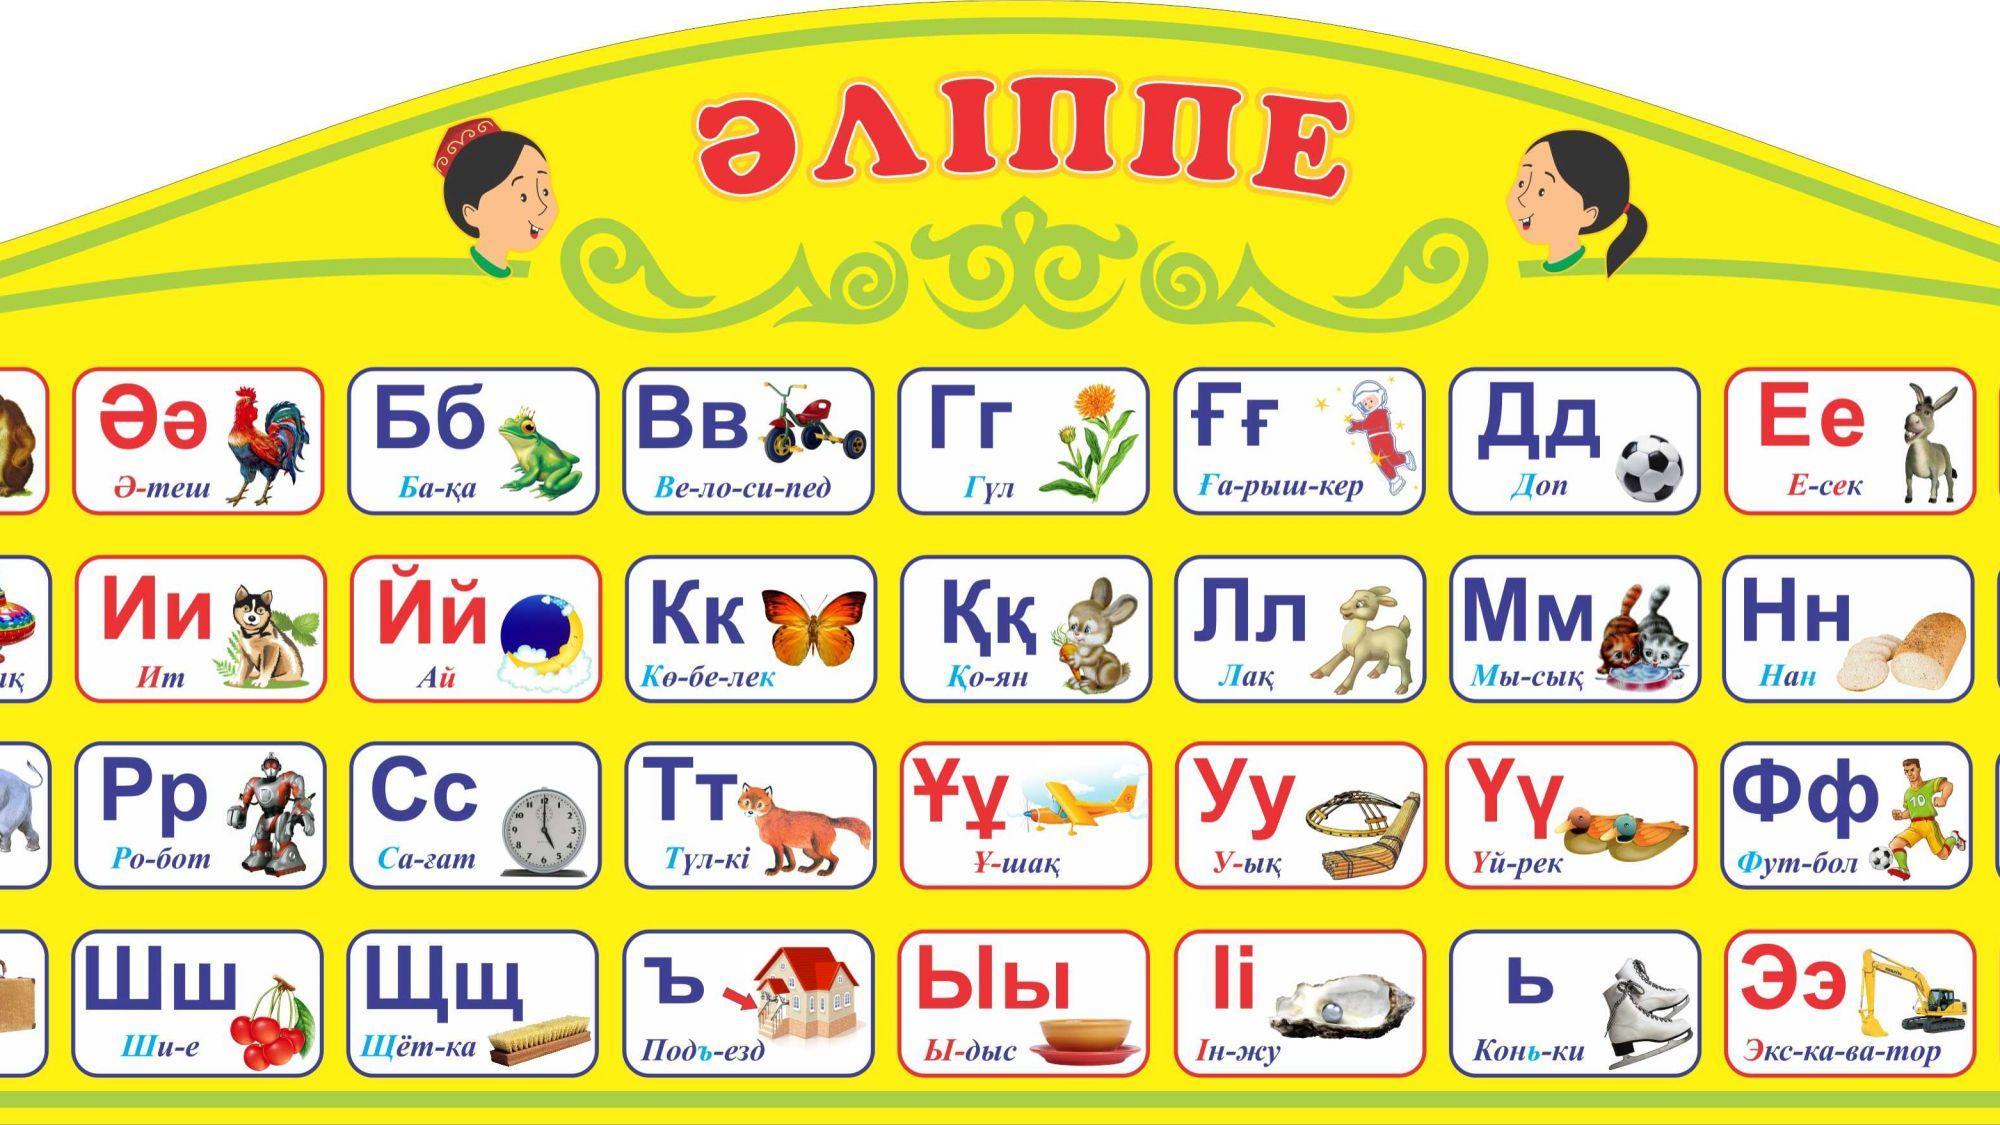 Рисунок к английскому алфавиту позитивных утверждений